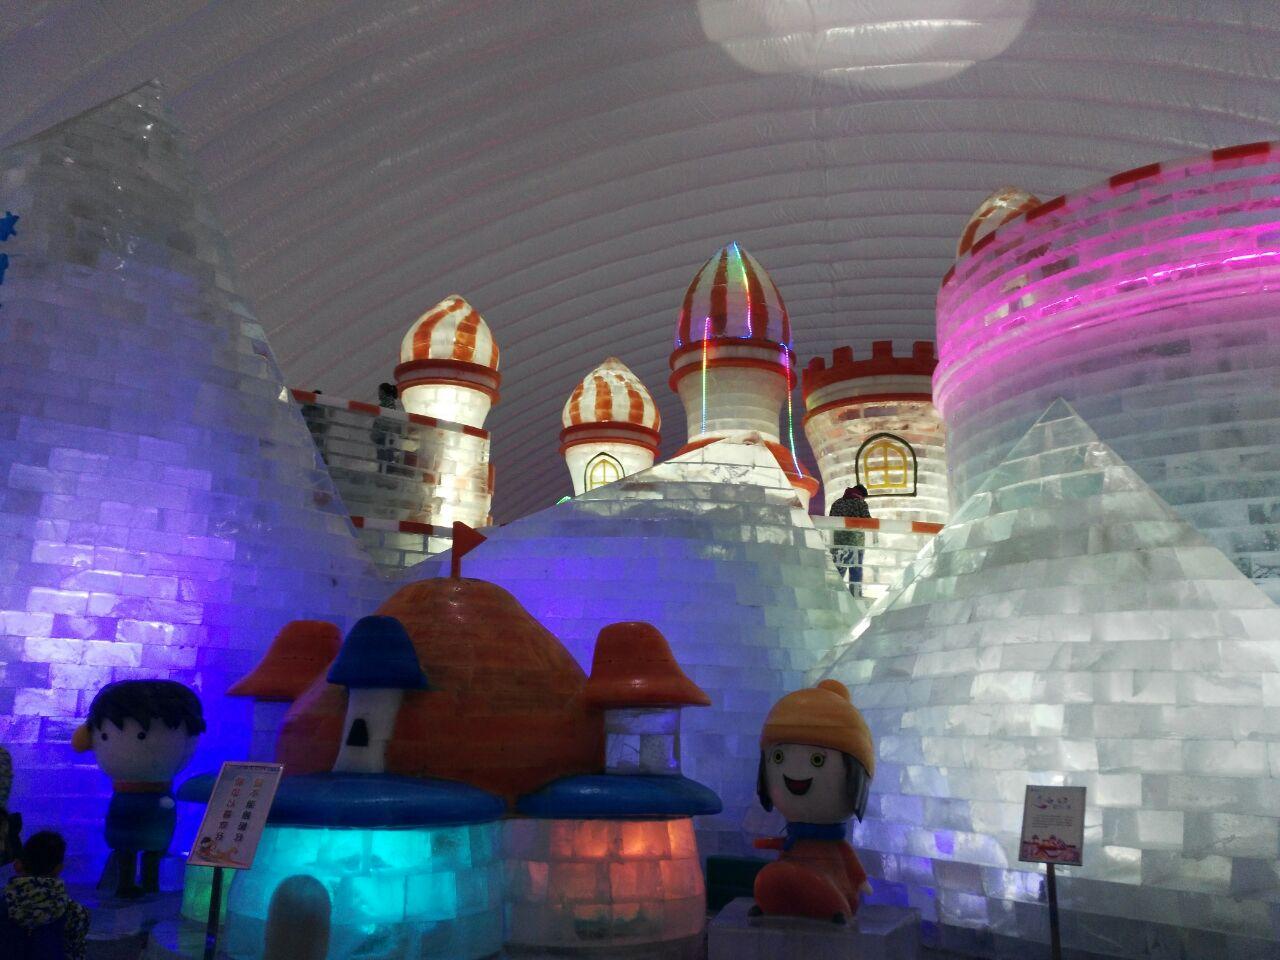 哈尔滨冰雪大世界室内冰雪主题乐园图片